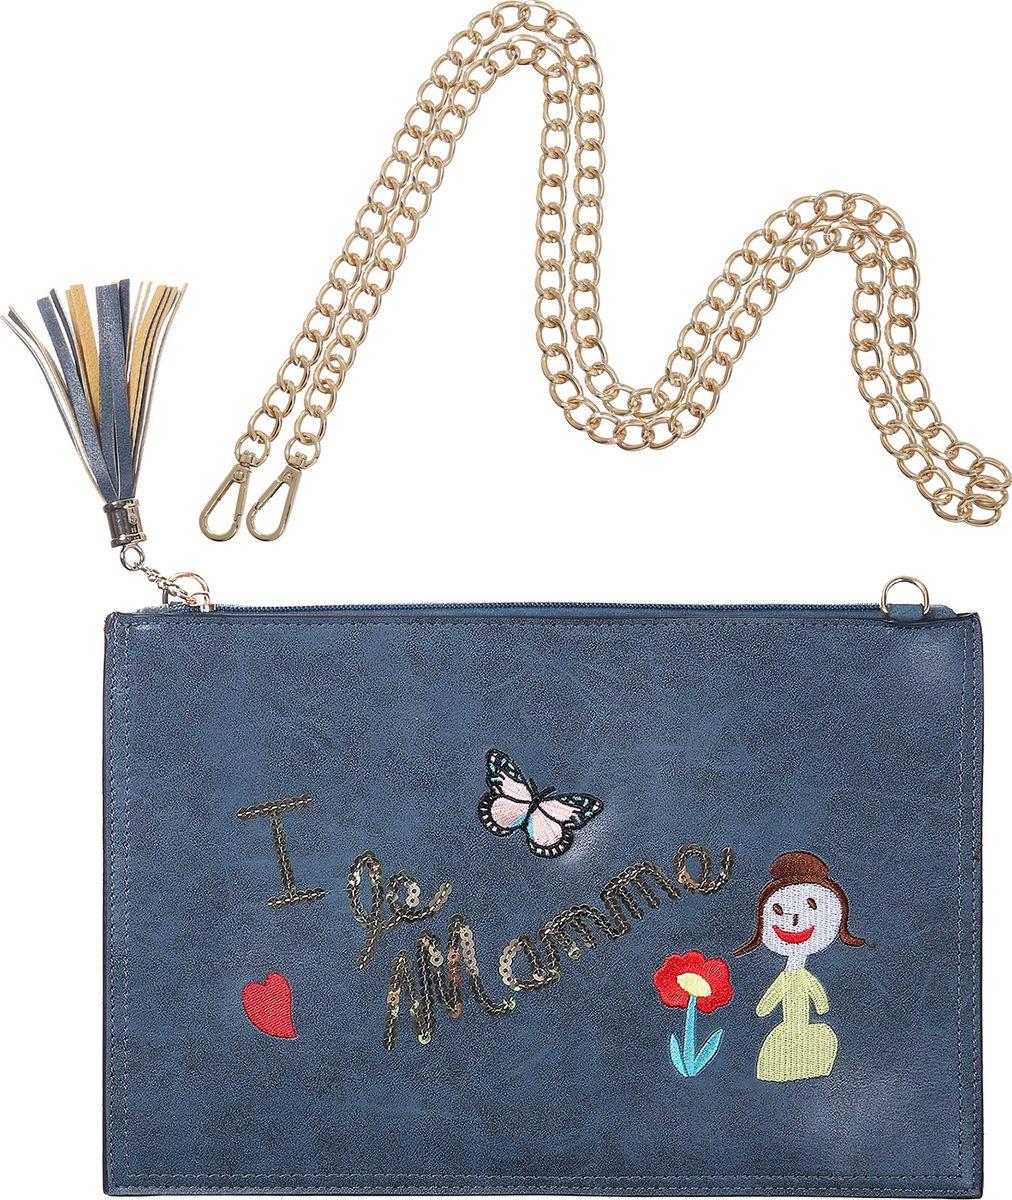 Клатч Модные истории, цвет: темно-синий. 3/0263BP-001 BKМолодежный прямоугольный клатч выполнен из искусственной кожи, закрывается на молнию. Декорирован вышивкой, надписью из пайеток и косточкой на замке молнии. Внутри один карман на молнии. Имеется металлический ремешок, который позволит носить клатч на плече.